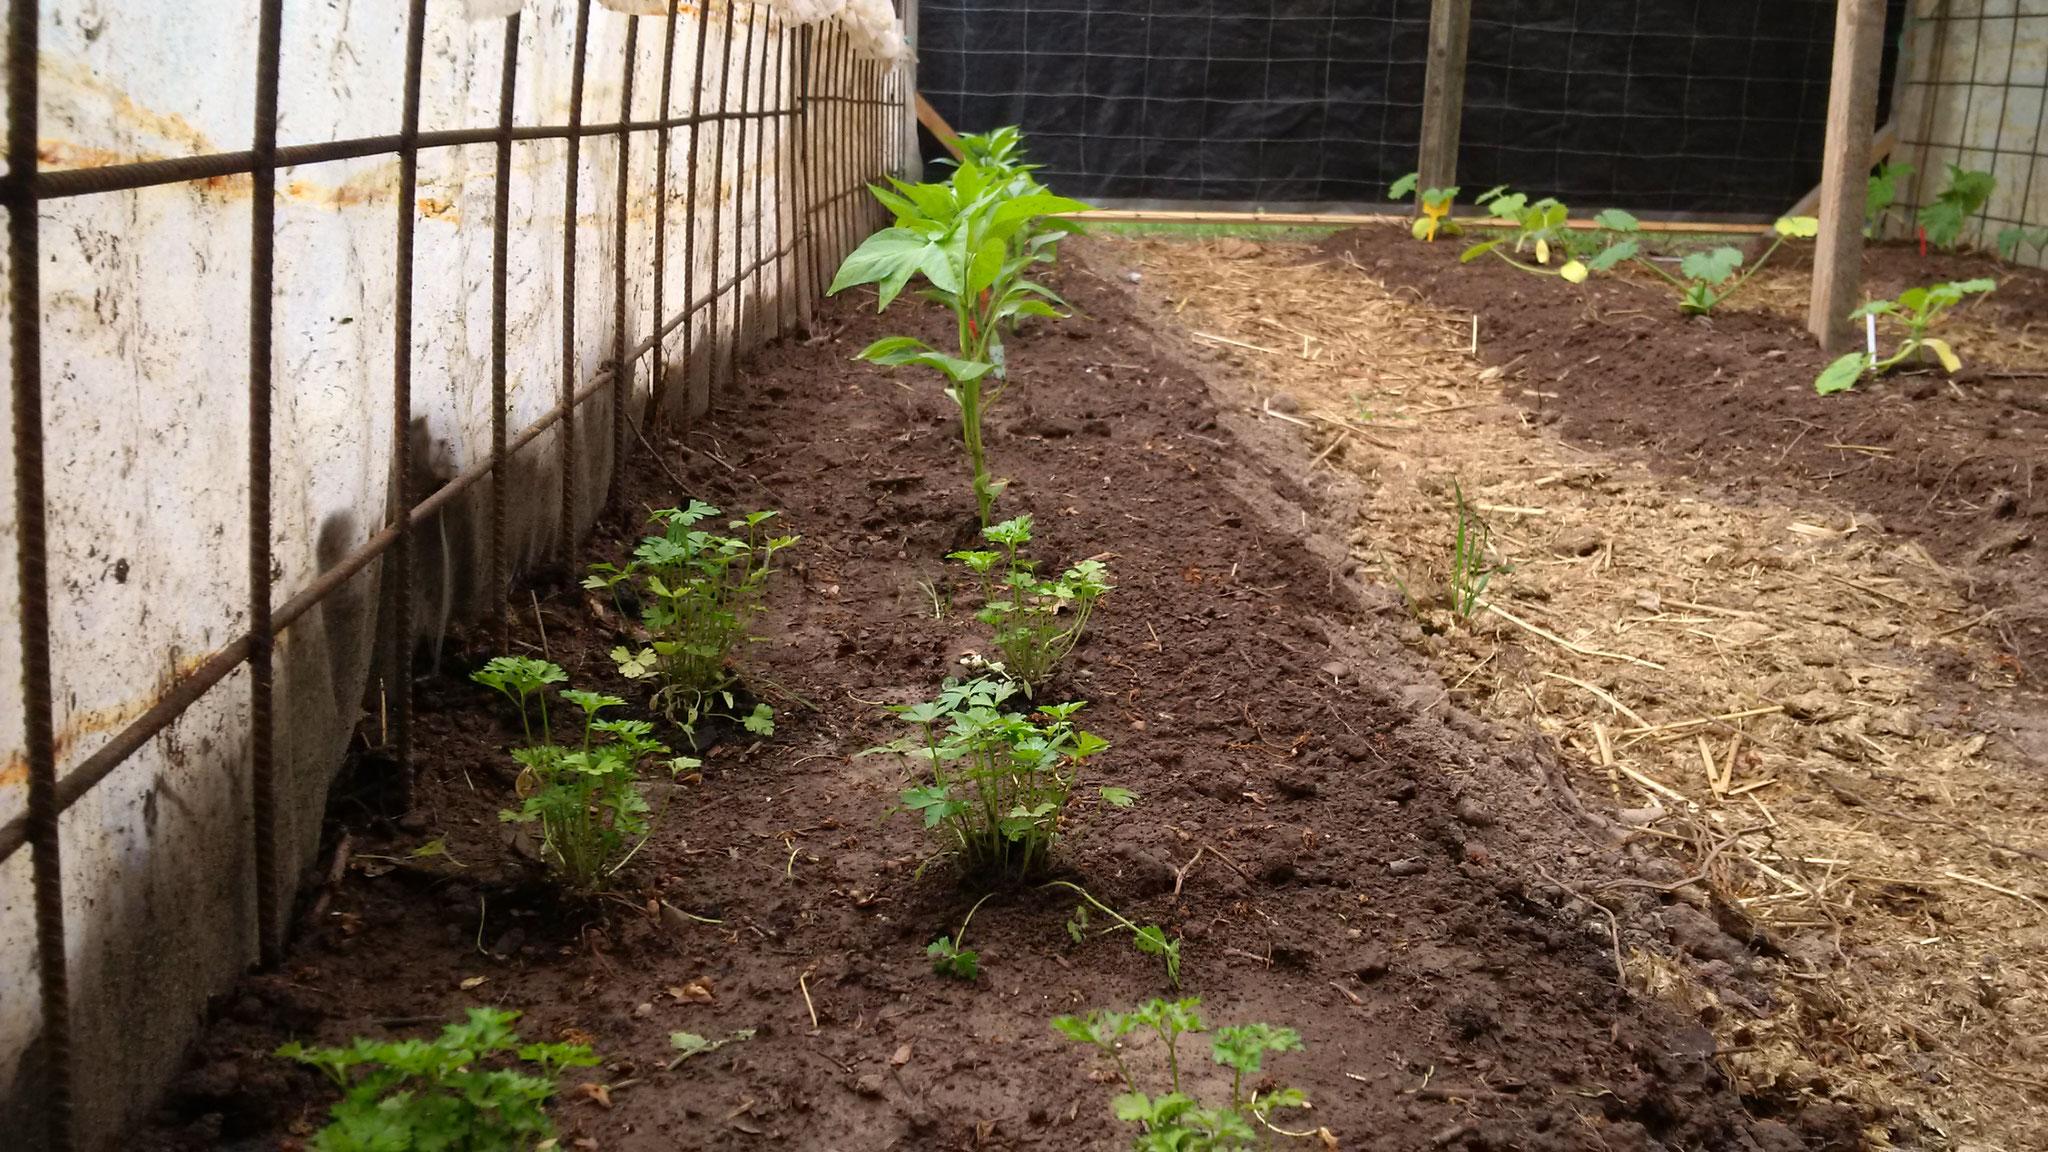 Die Petersielei und die Paprika/Chilli wachsen erfreulich schnell.